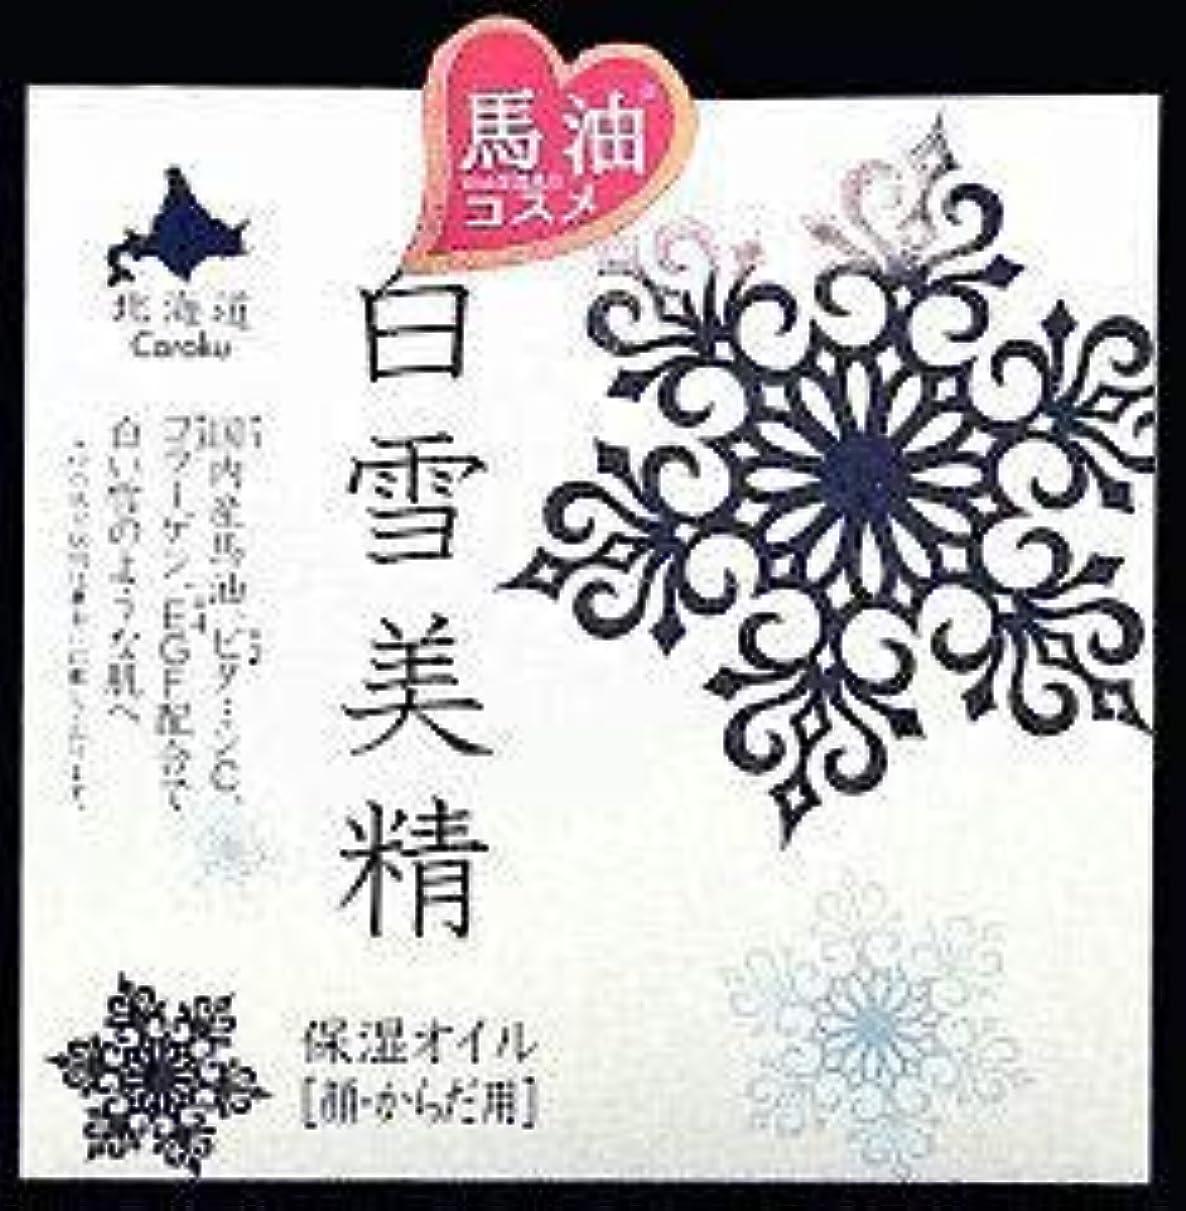 少年謎自転車◆【Coroku】保湿オイル◆白雪美精(顔?からだ用) 90ml◆